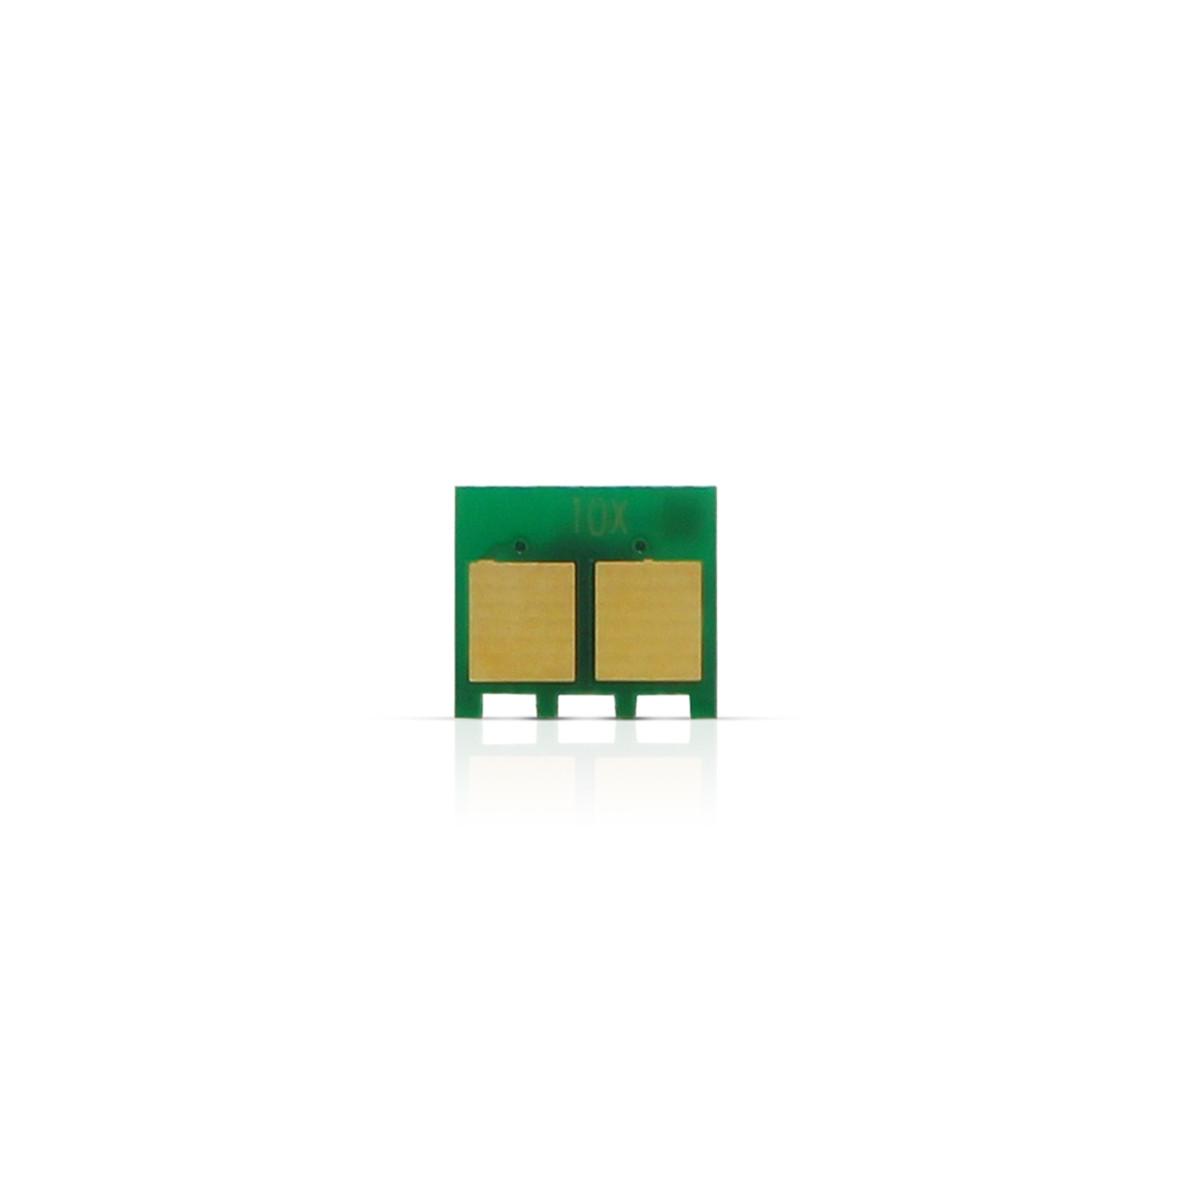 Chip Toner HP CE412A Amarelo Específico | 351A 375NW 451DN 451DW 451NW 475DN 475DW | 2.600 páginas